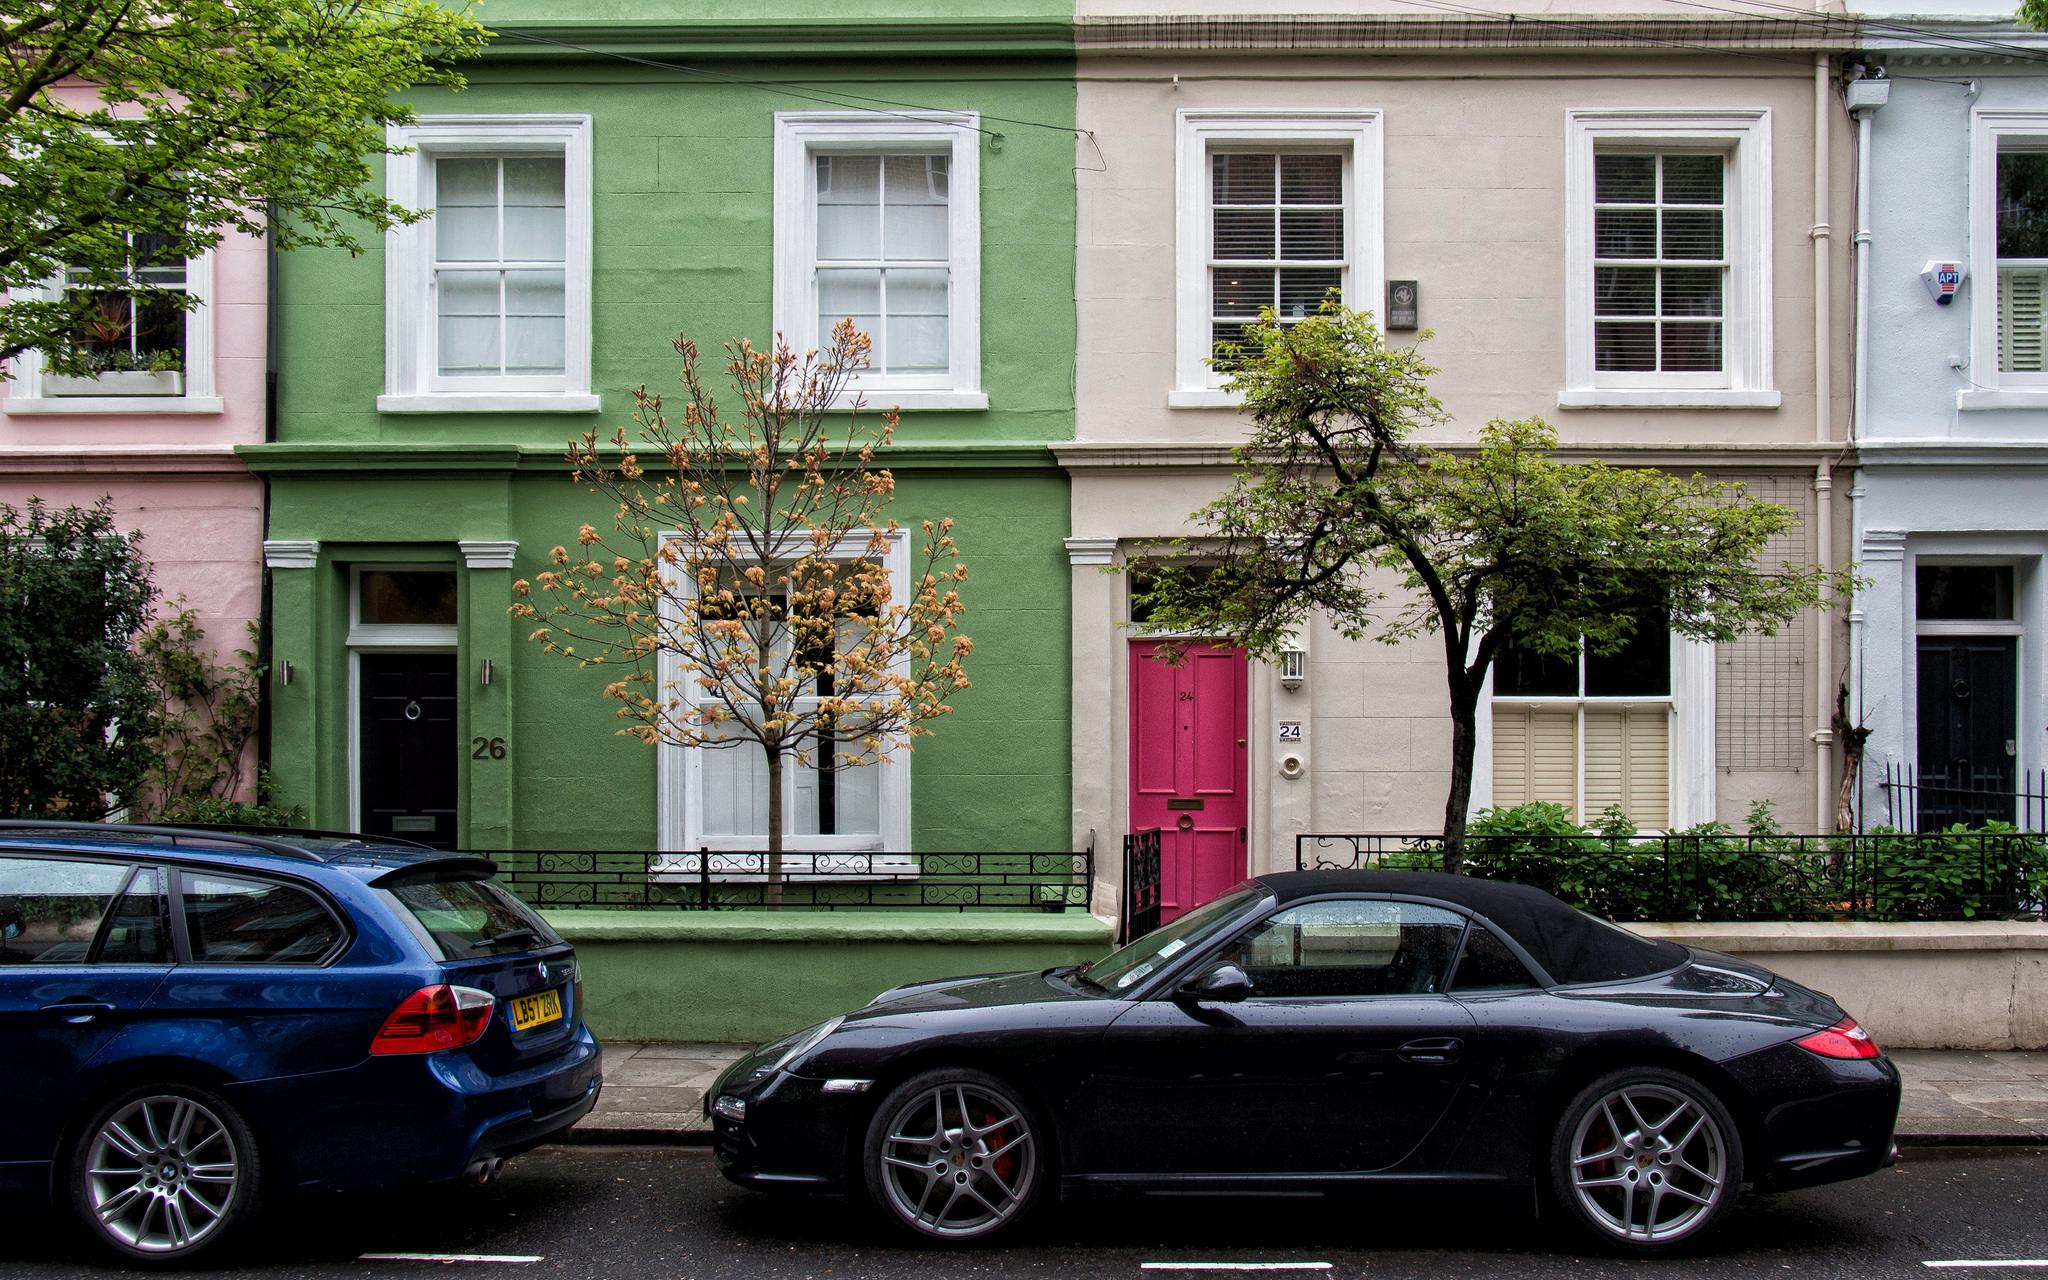 Ухоженные дворики Ноттинг-Хилл, Лондон